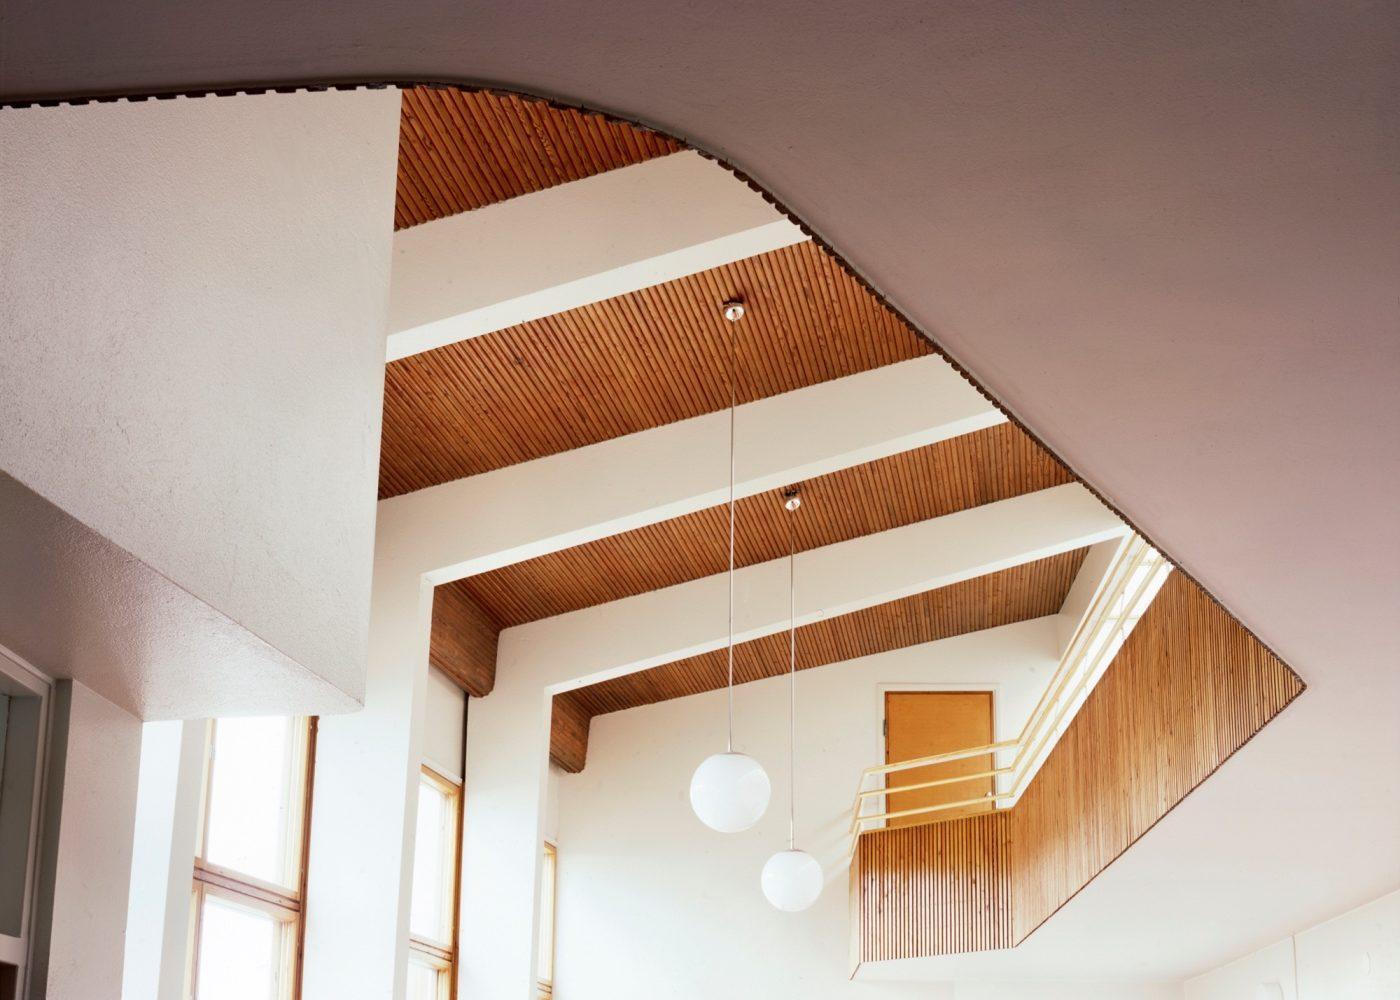 Tehtaanmäen koulun aula. Kuva: Maija Holma, Alvar Aalto -säätiö